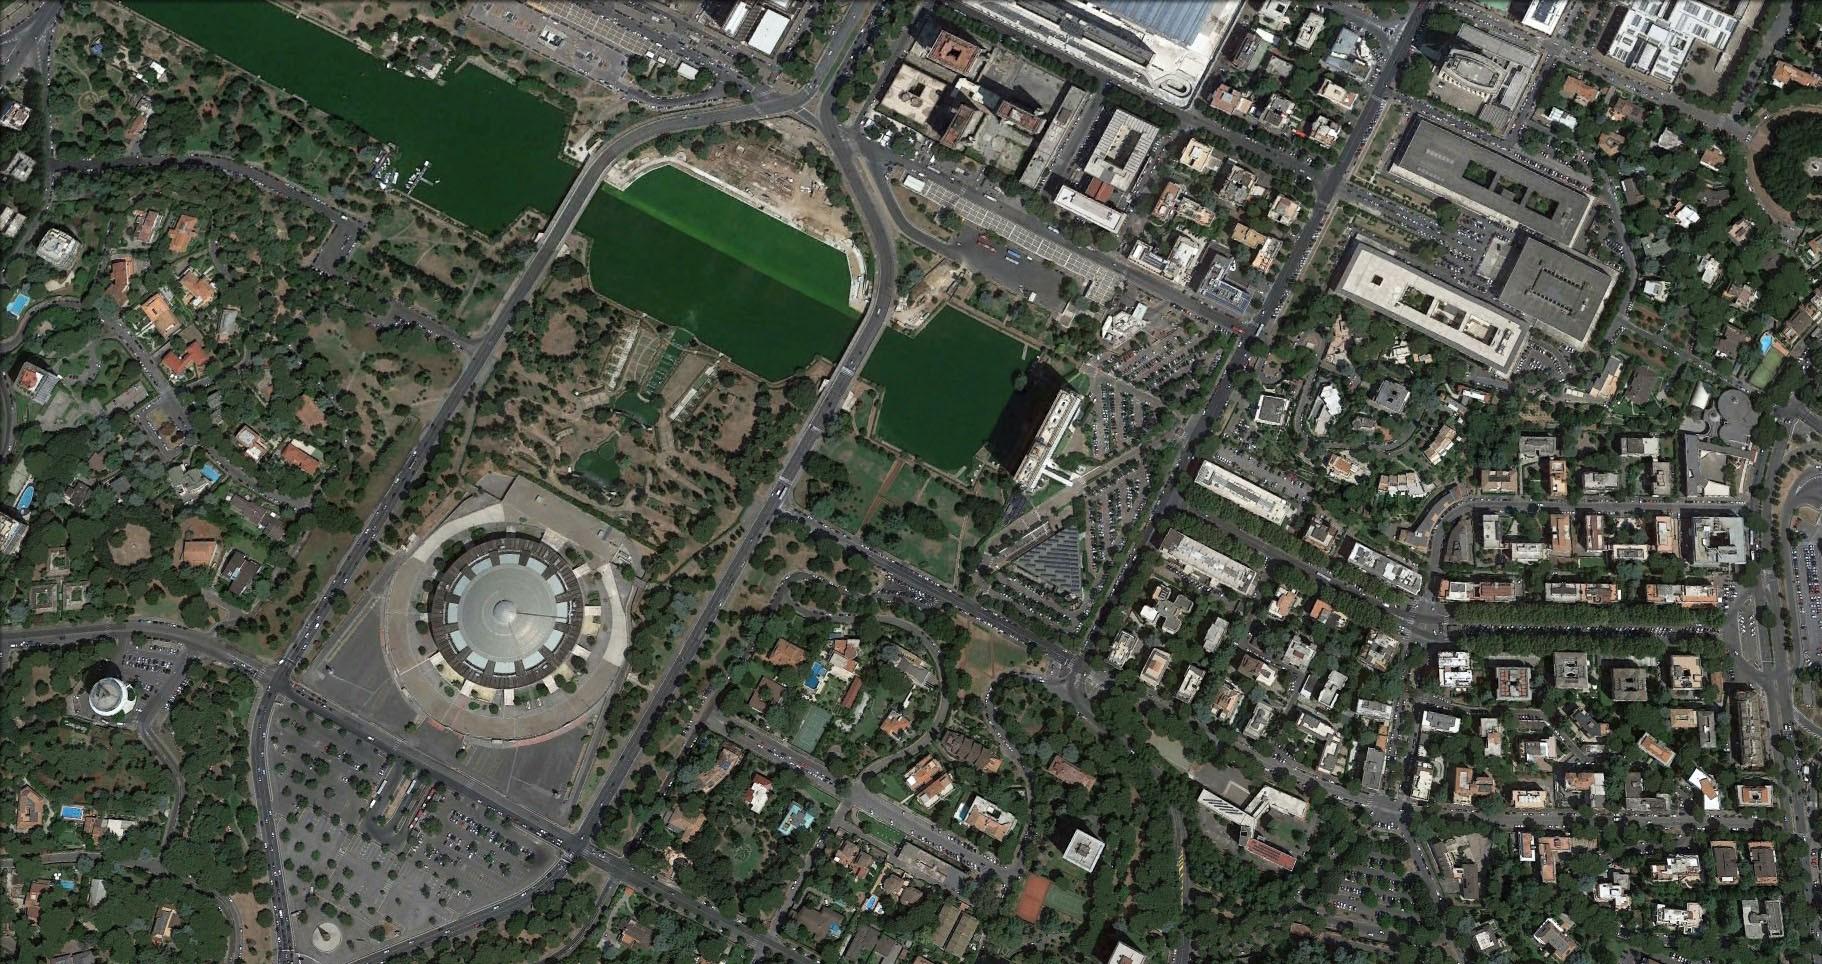 Municipality of Rome - EUR - فضاهای عمومی و شهربازی ها